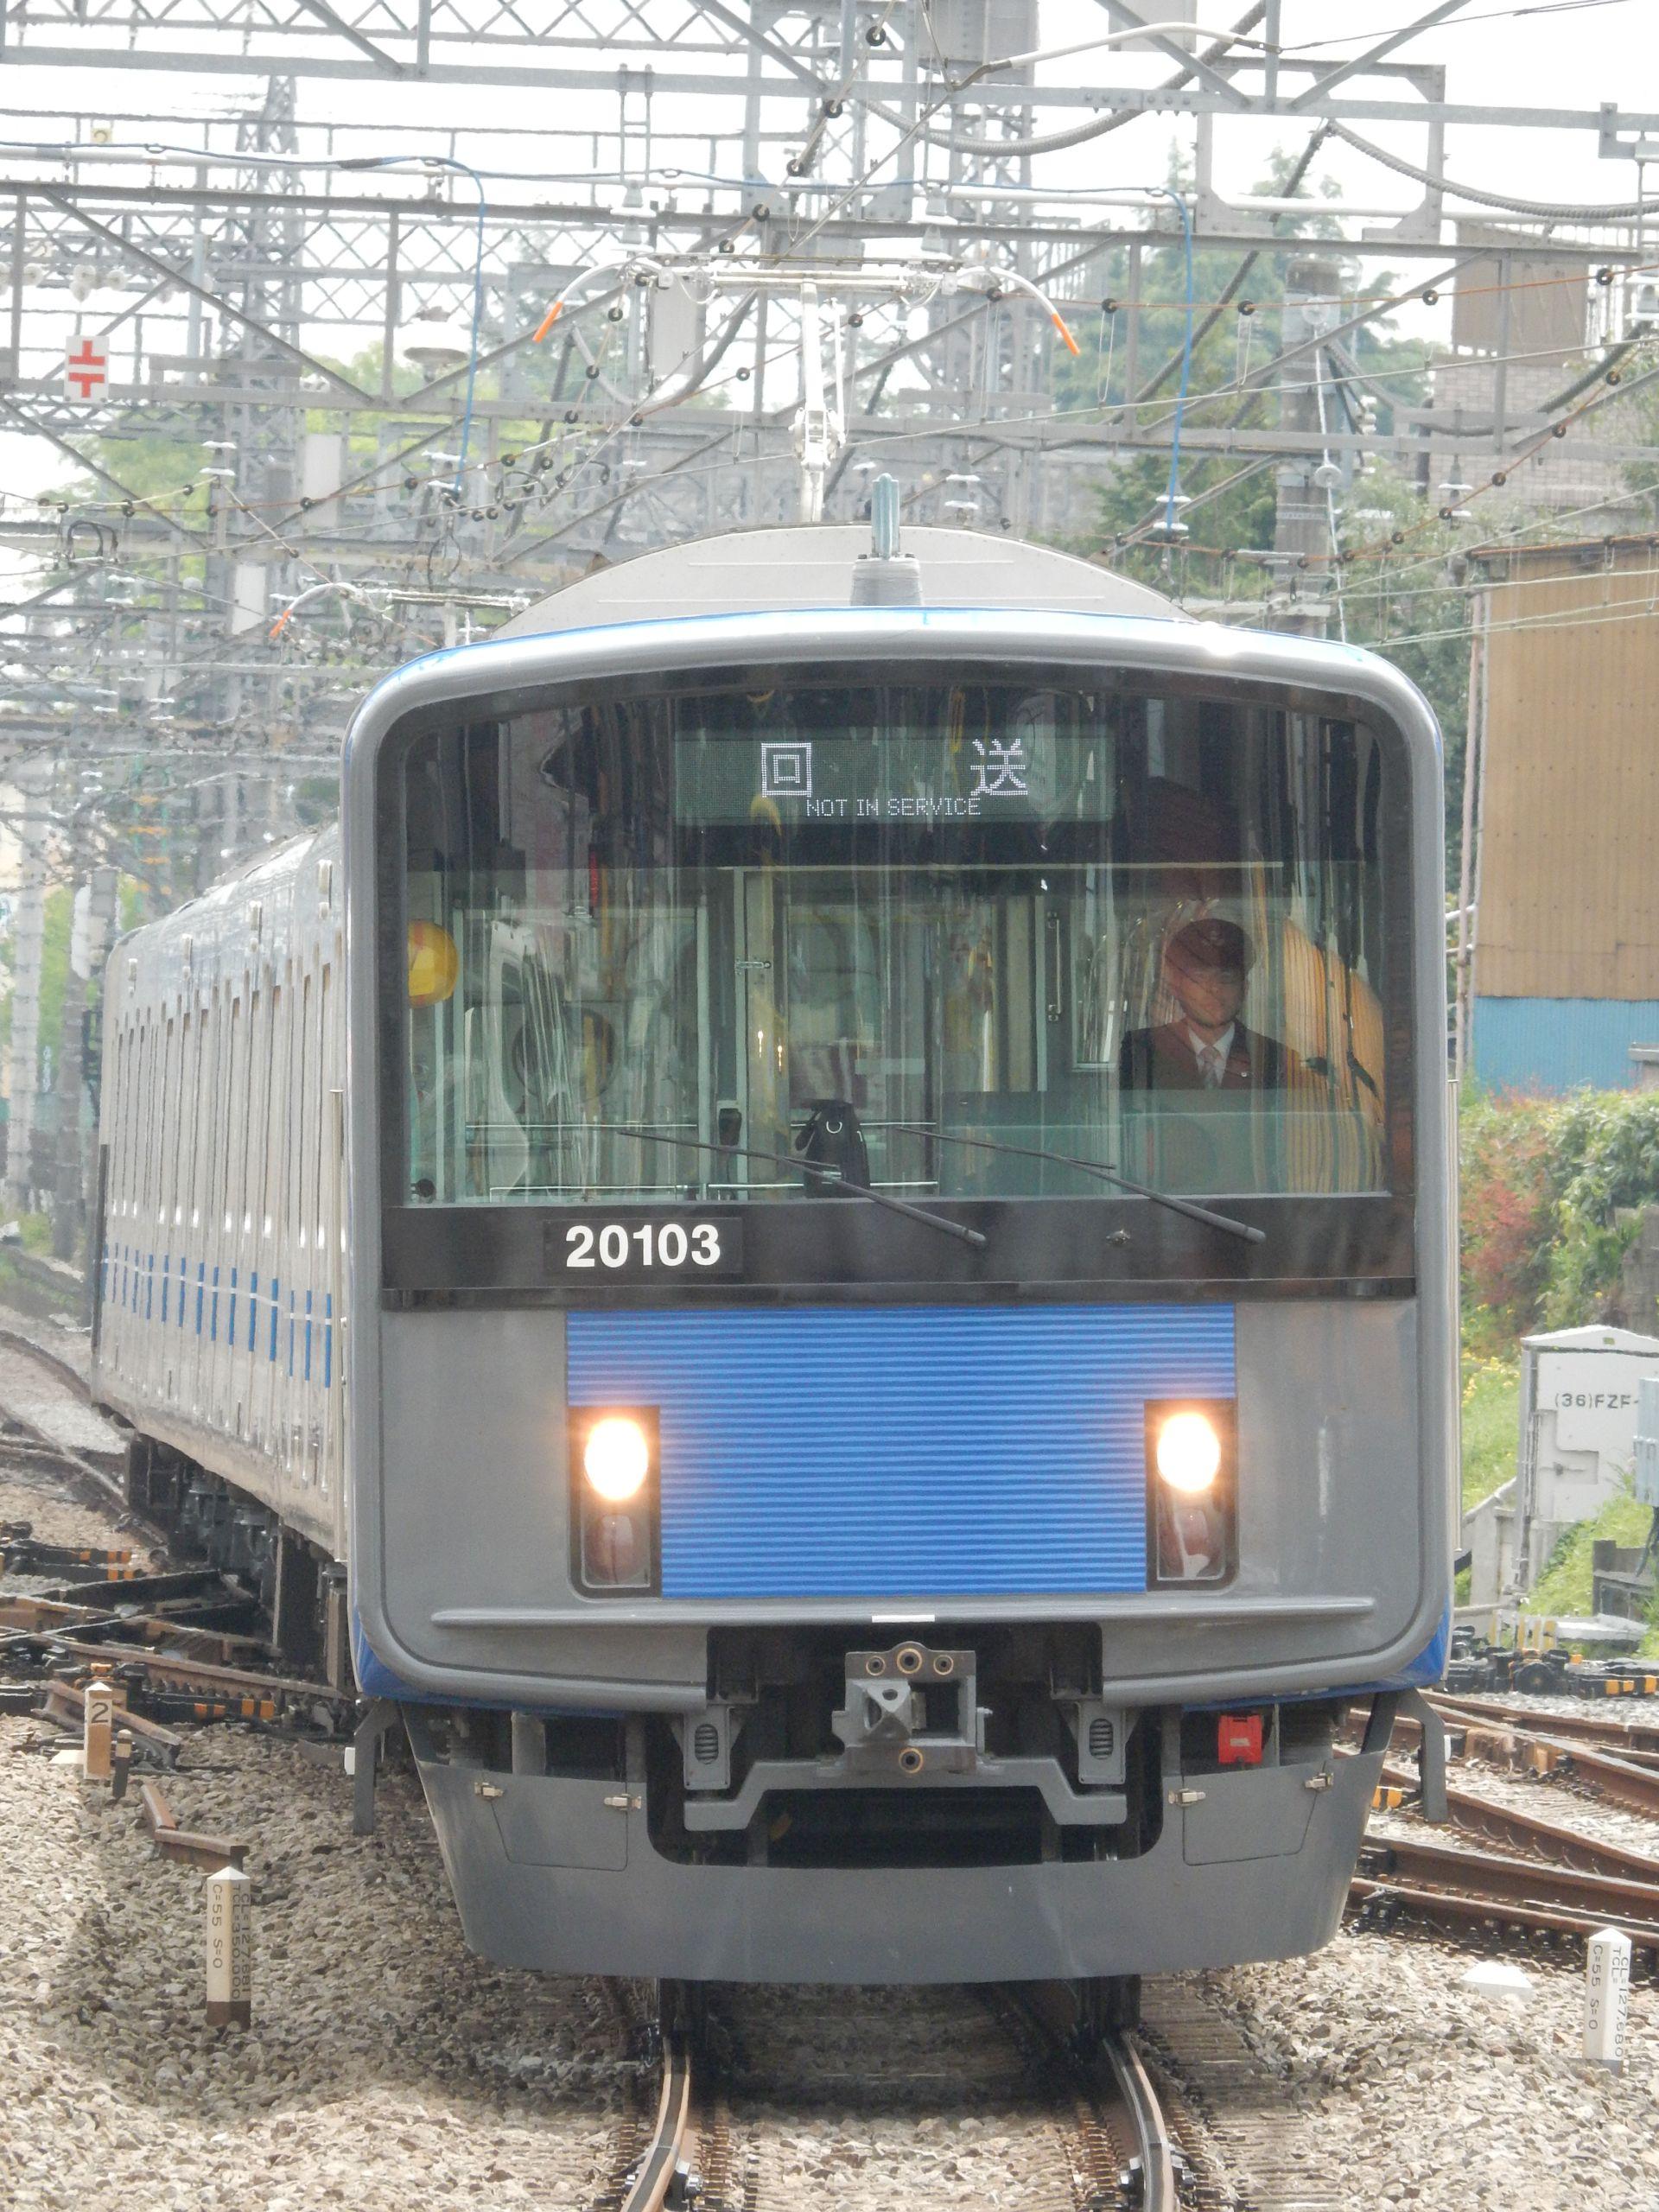 DSCN7990 - コピー